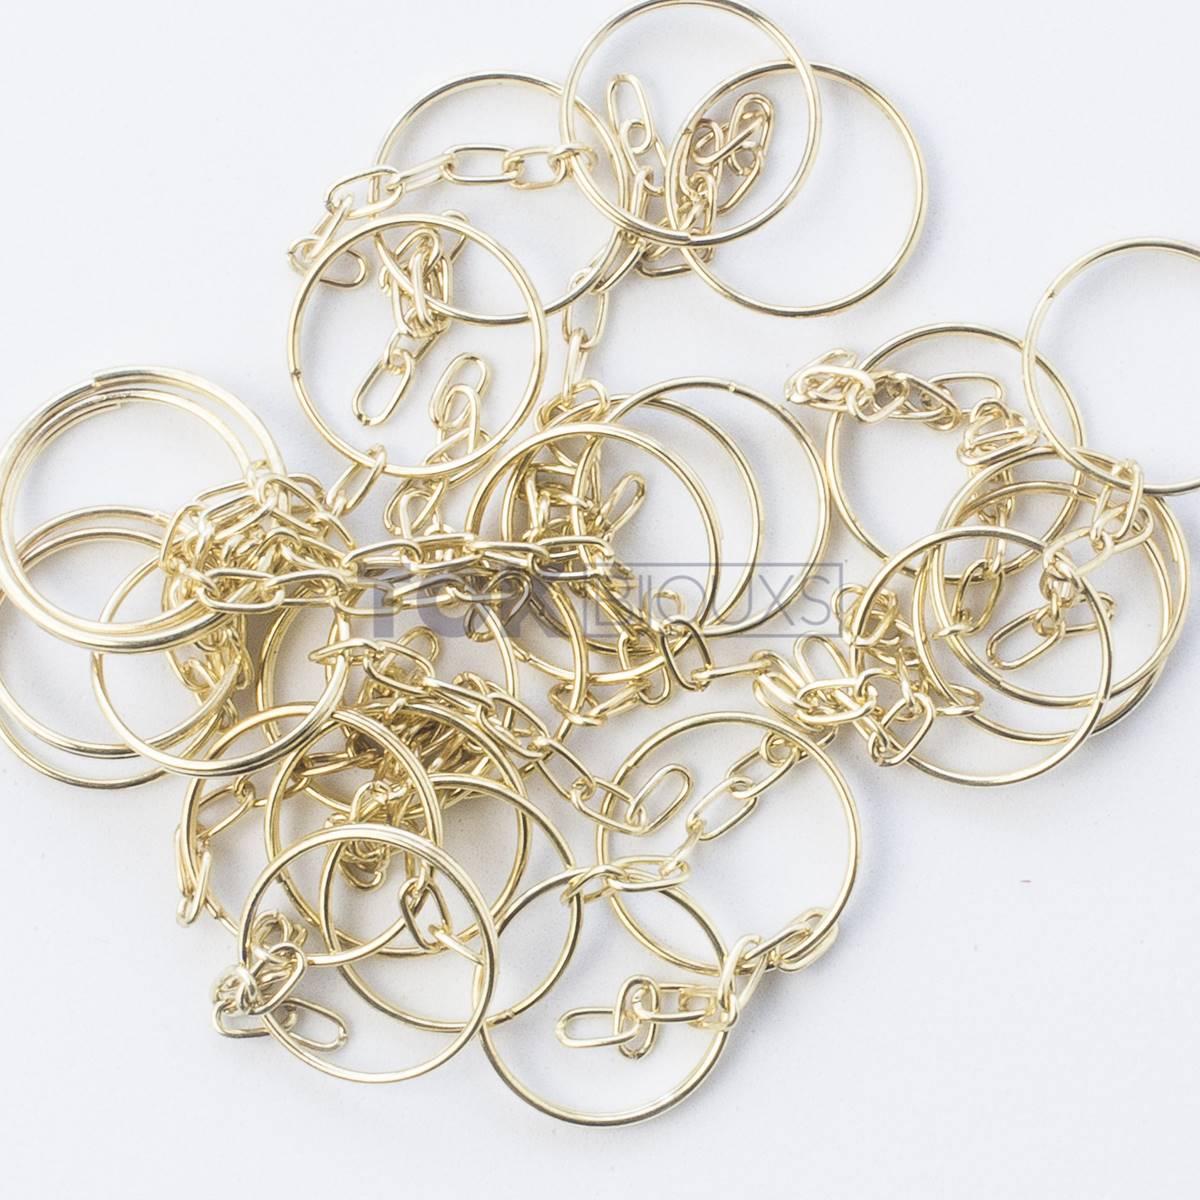 Argola Para Chaveiro - Dourada 21mm - 1000un